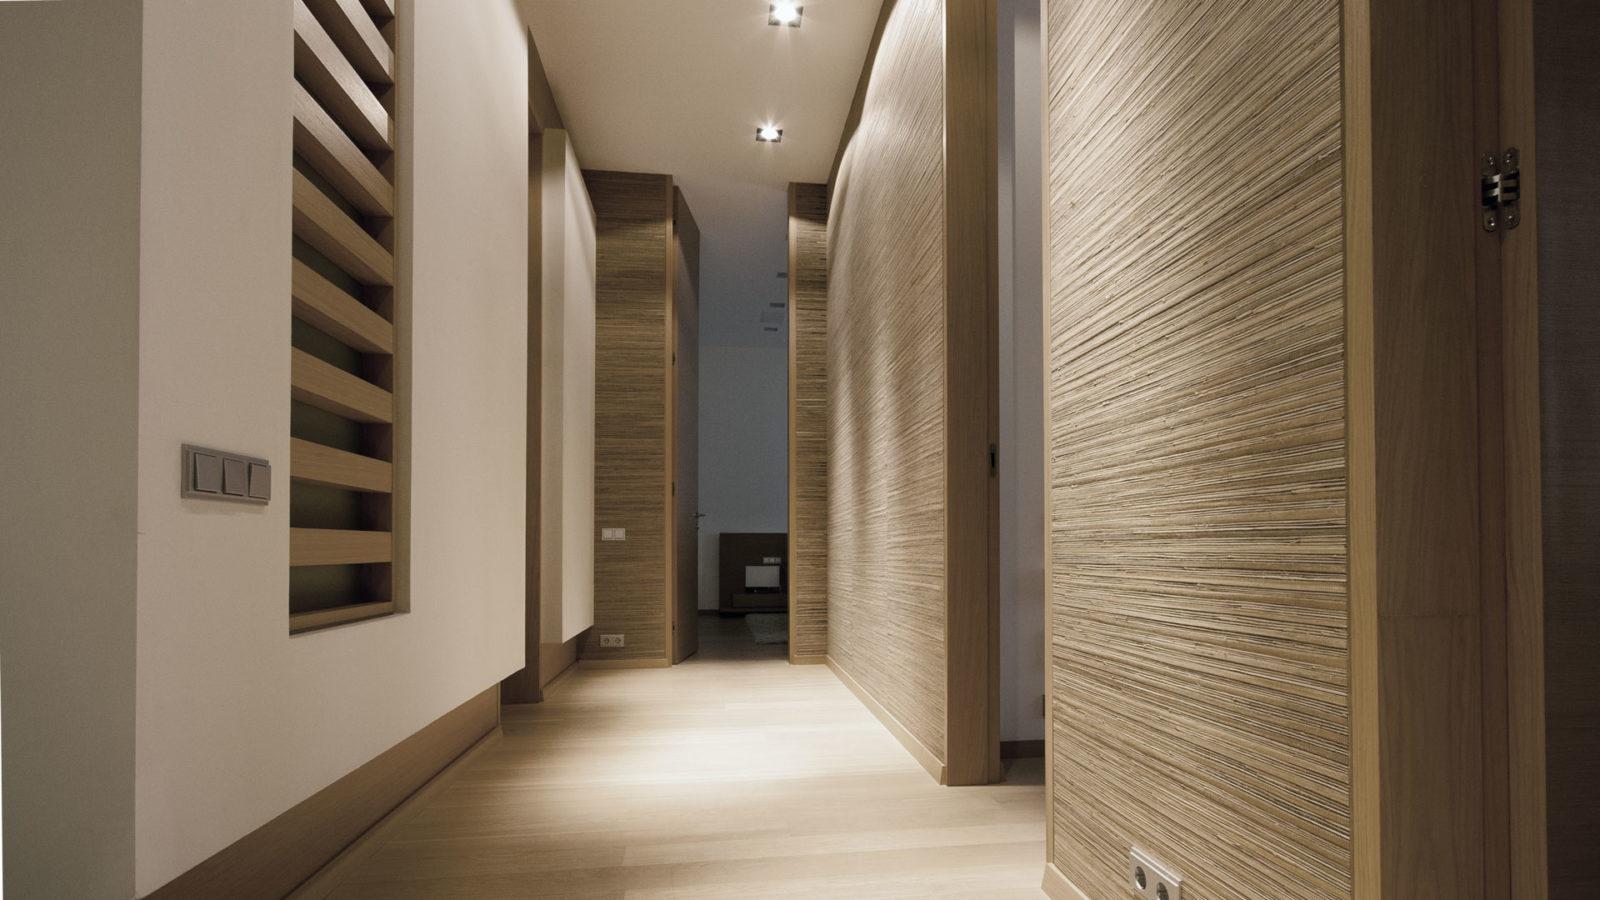 Освещение в коридоре: стильные решения для больших и маленьких квартир (+62 фото)